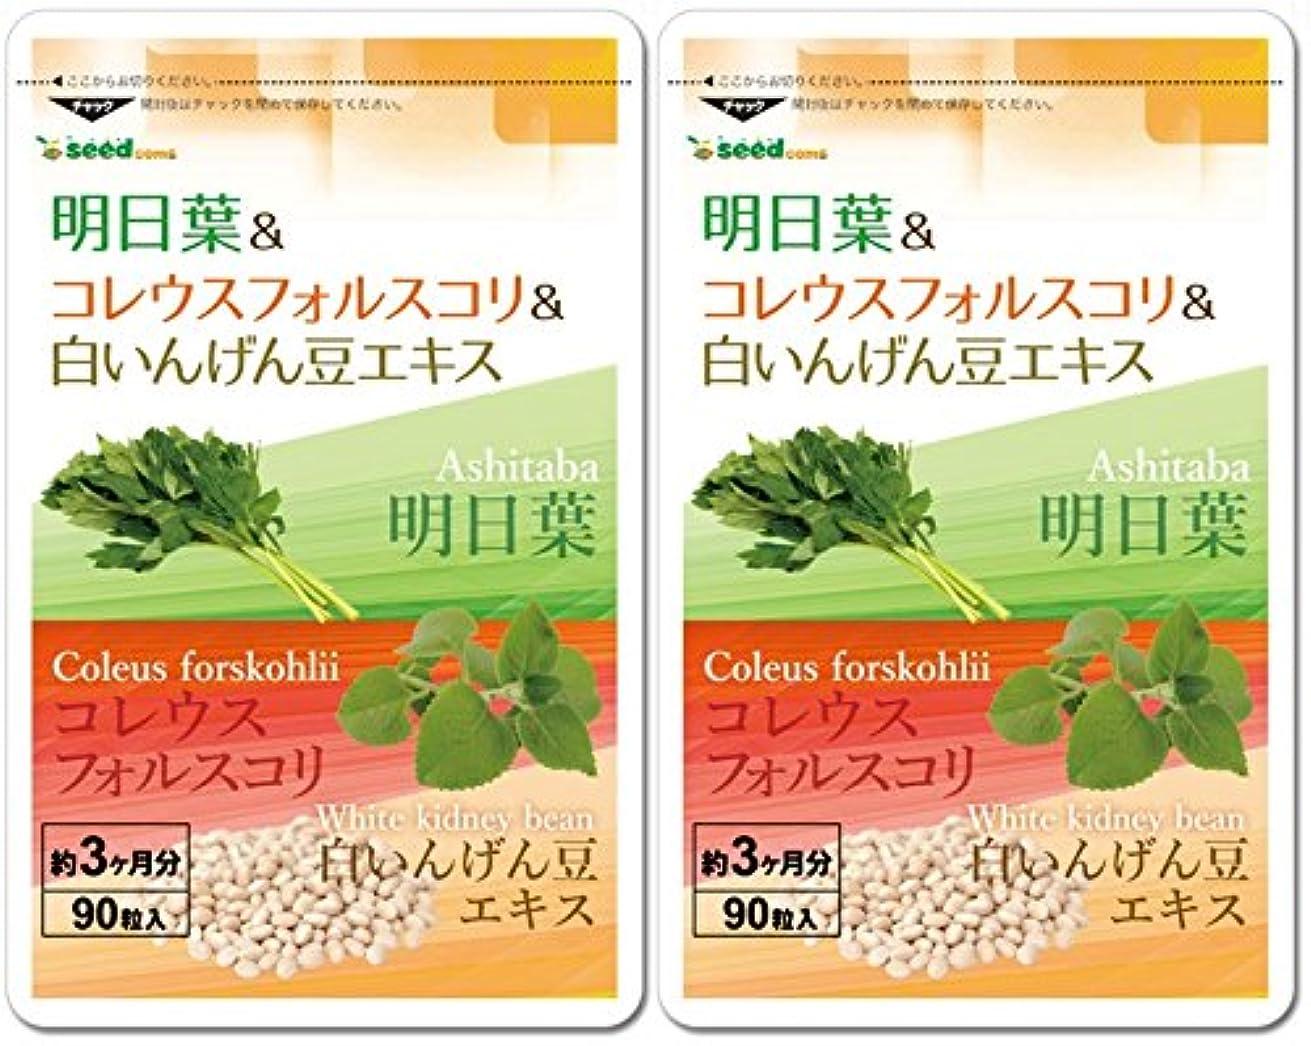 拒絶適切に学生明日葉&コレウスフォルスコリ&白いんげん豆エキス (約6ヶ月分/180粒) スッキリ&燃焼系&糖質バリアの3大ダイエット成分